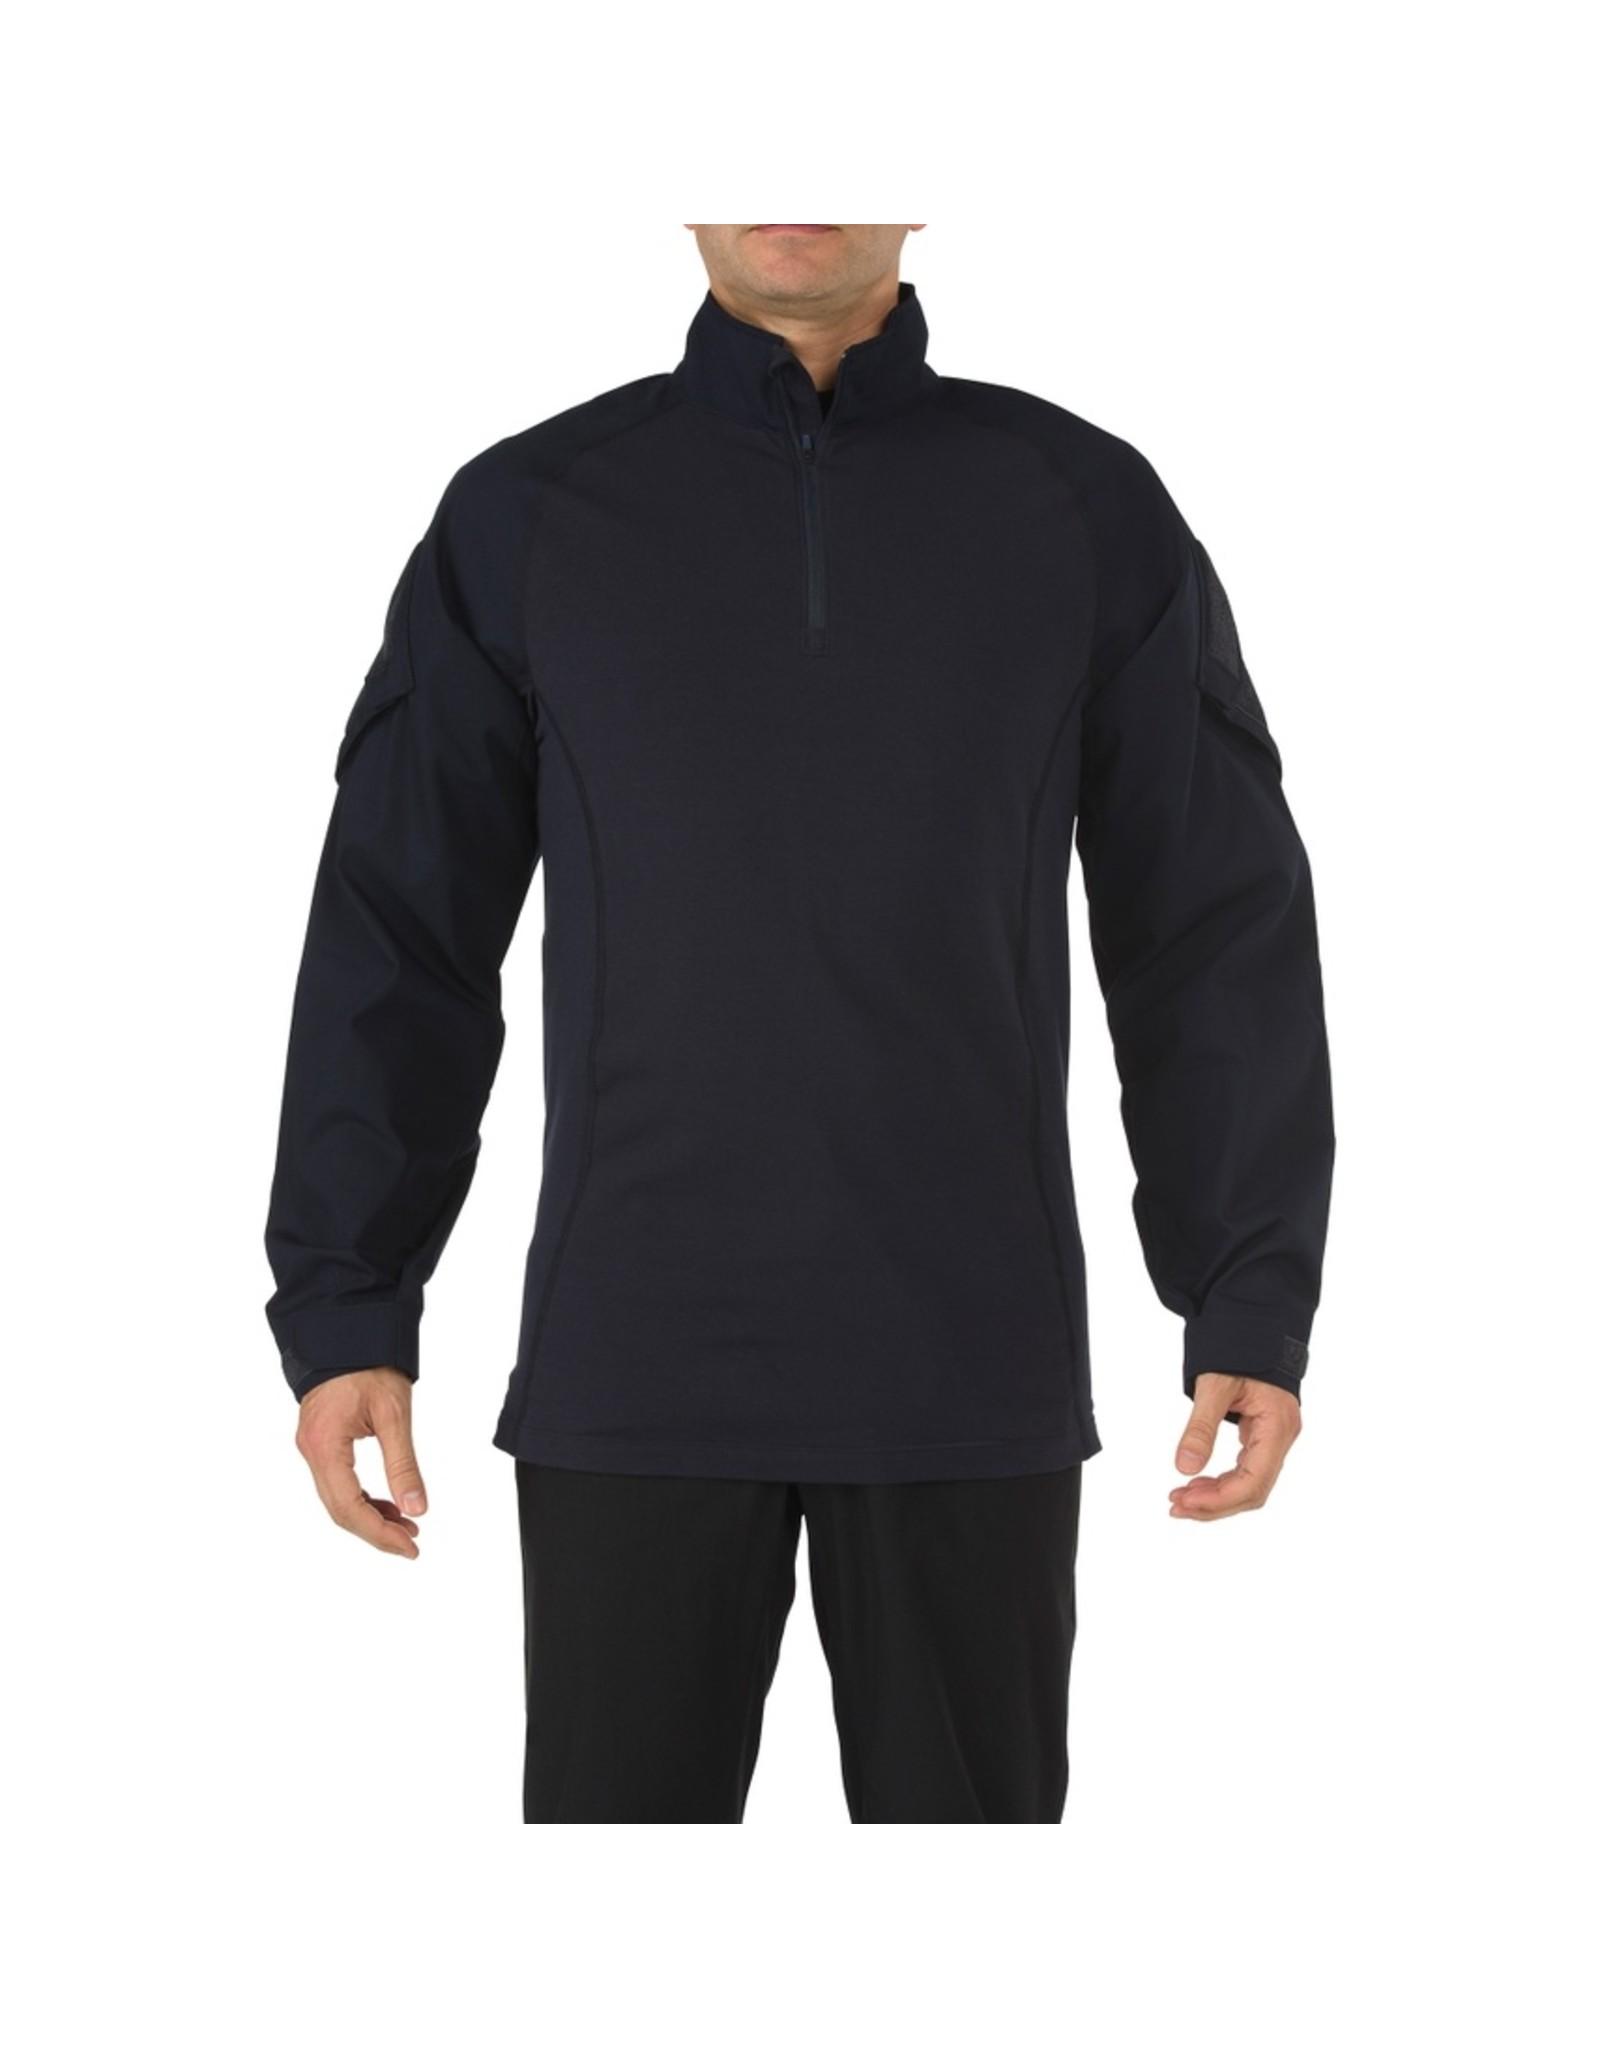 5.11 Rapid Assault Shirt